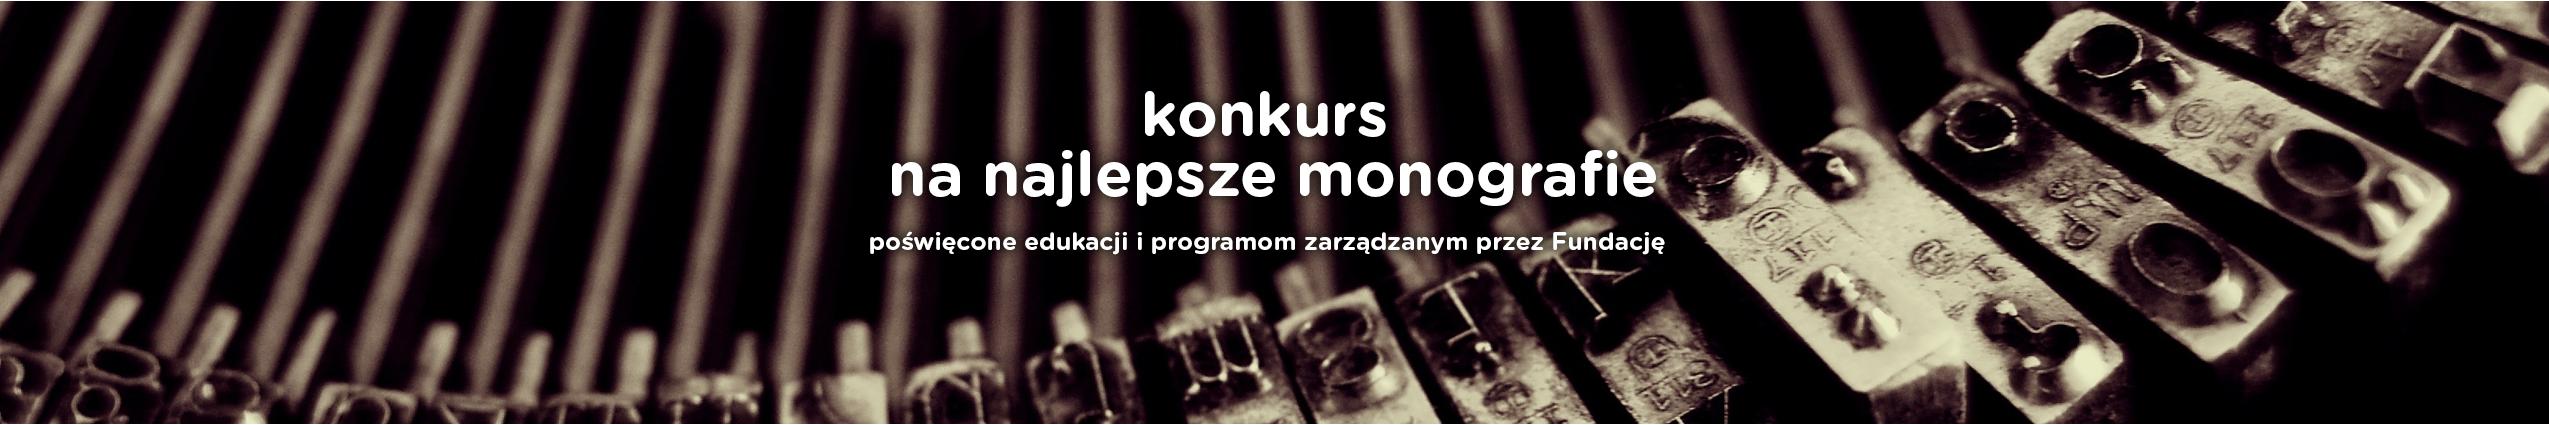 FRSE zaprasza do udziału w konkursie na najlepsze monografie